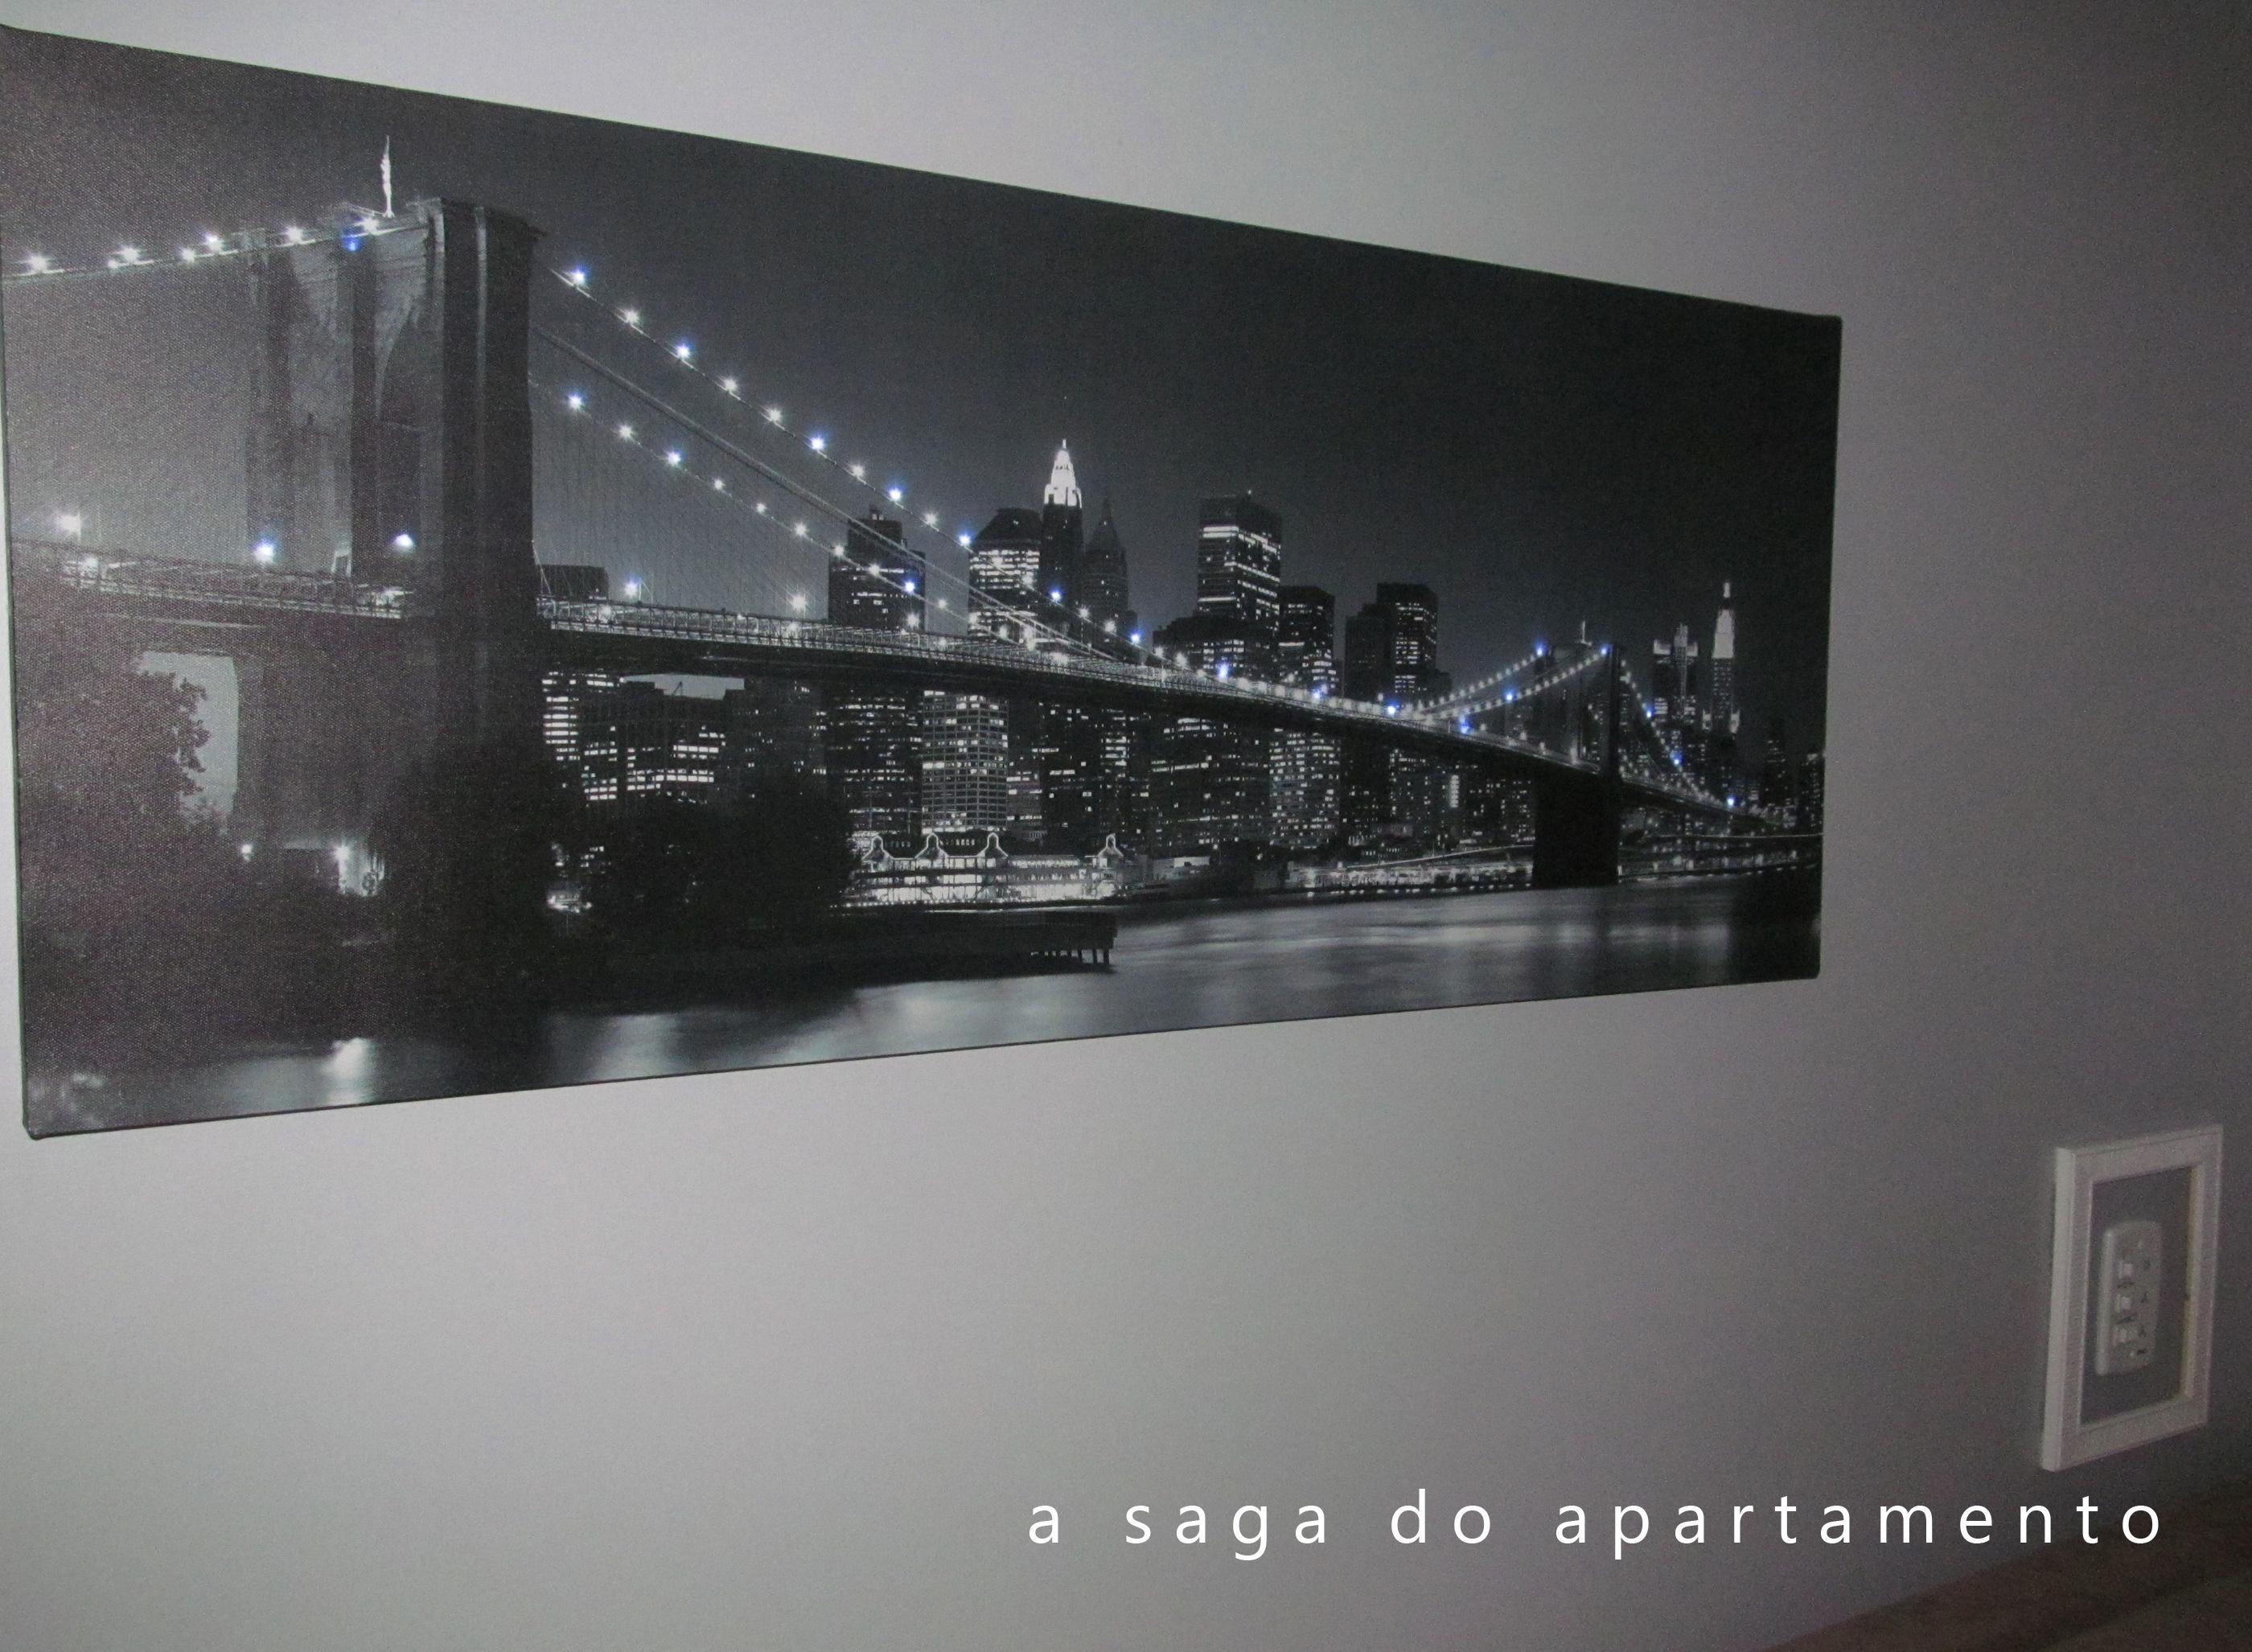 Quadro Com Flores A Saga Do Apartamento ~ Quadros Para Imprimir Quarto E Piso Em Parede De Quarto